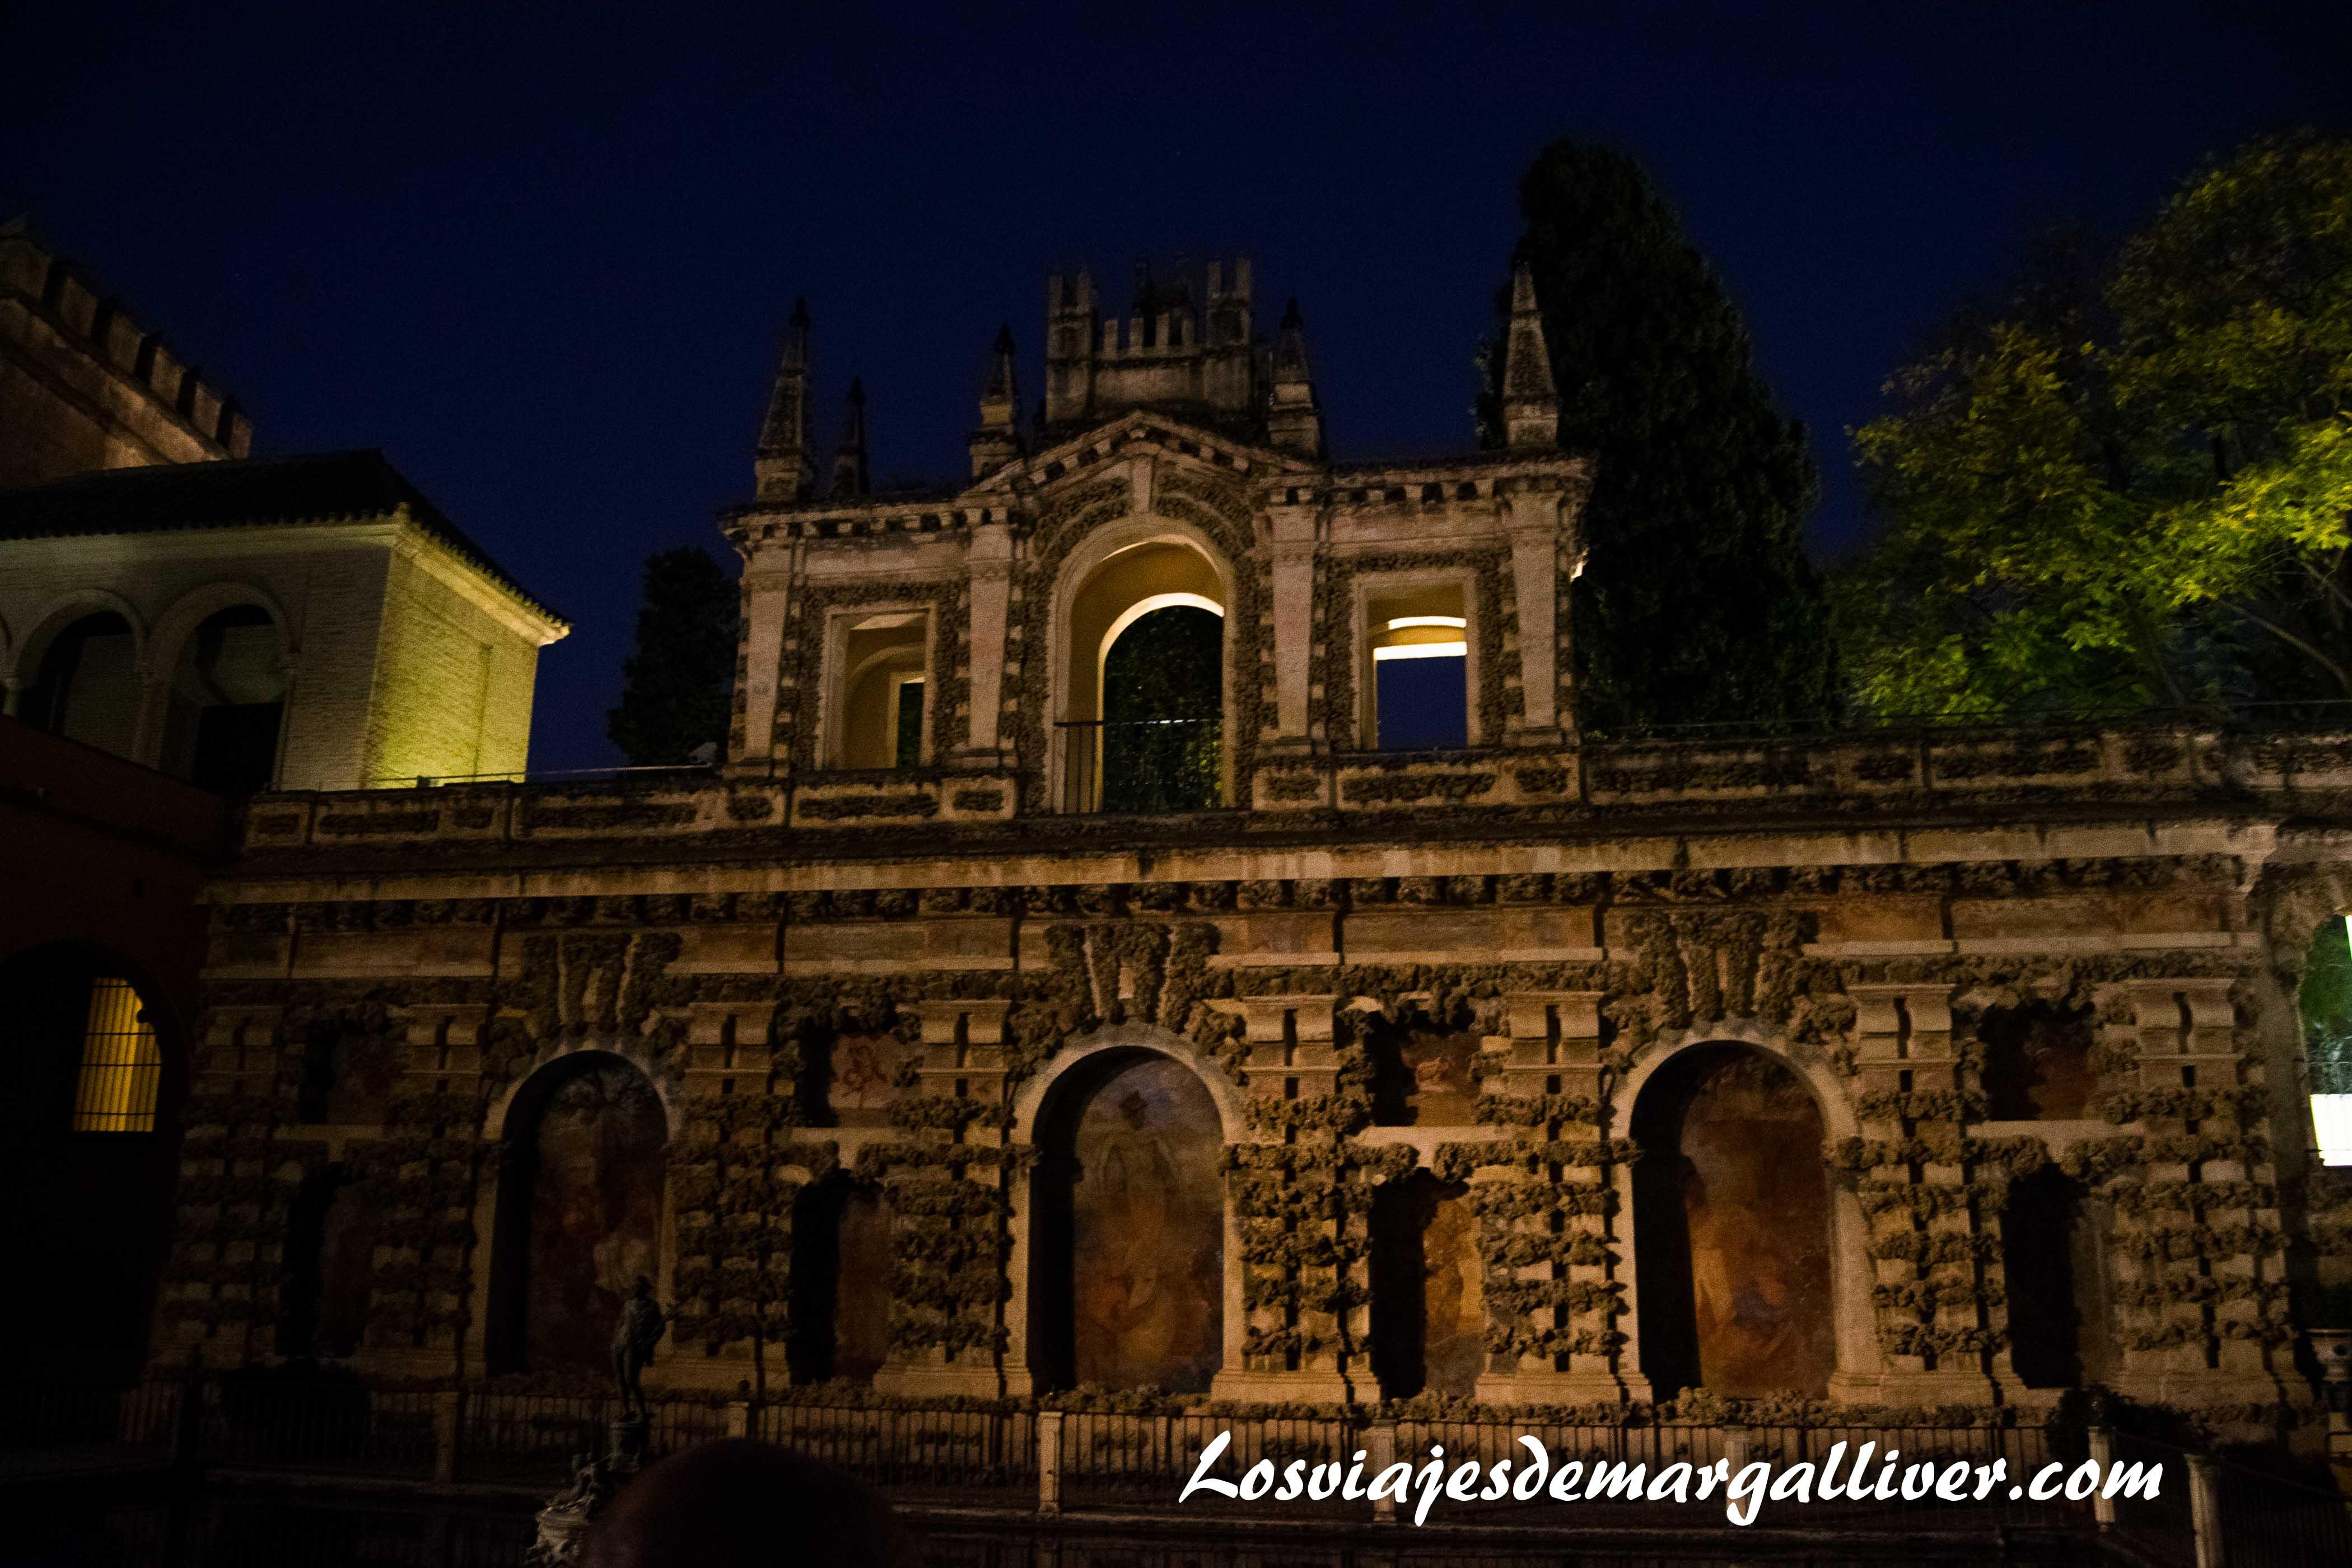 balcón de los jardines del alcazar de Sevilla en la ruta de Juego de Tronos - Los viajes de Margalliver